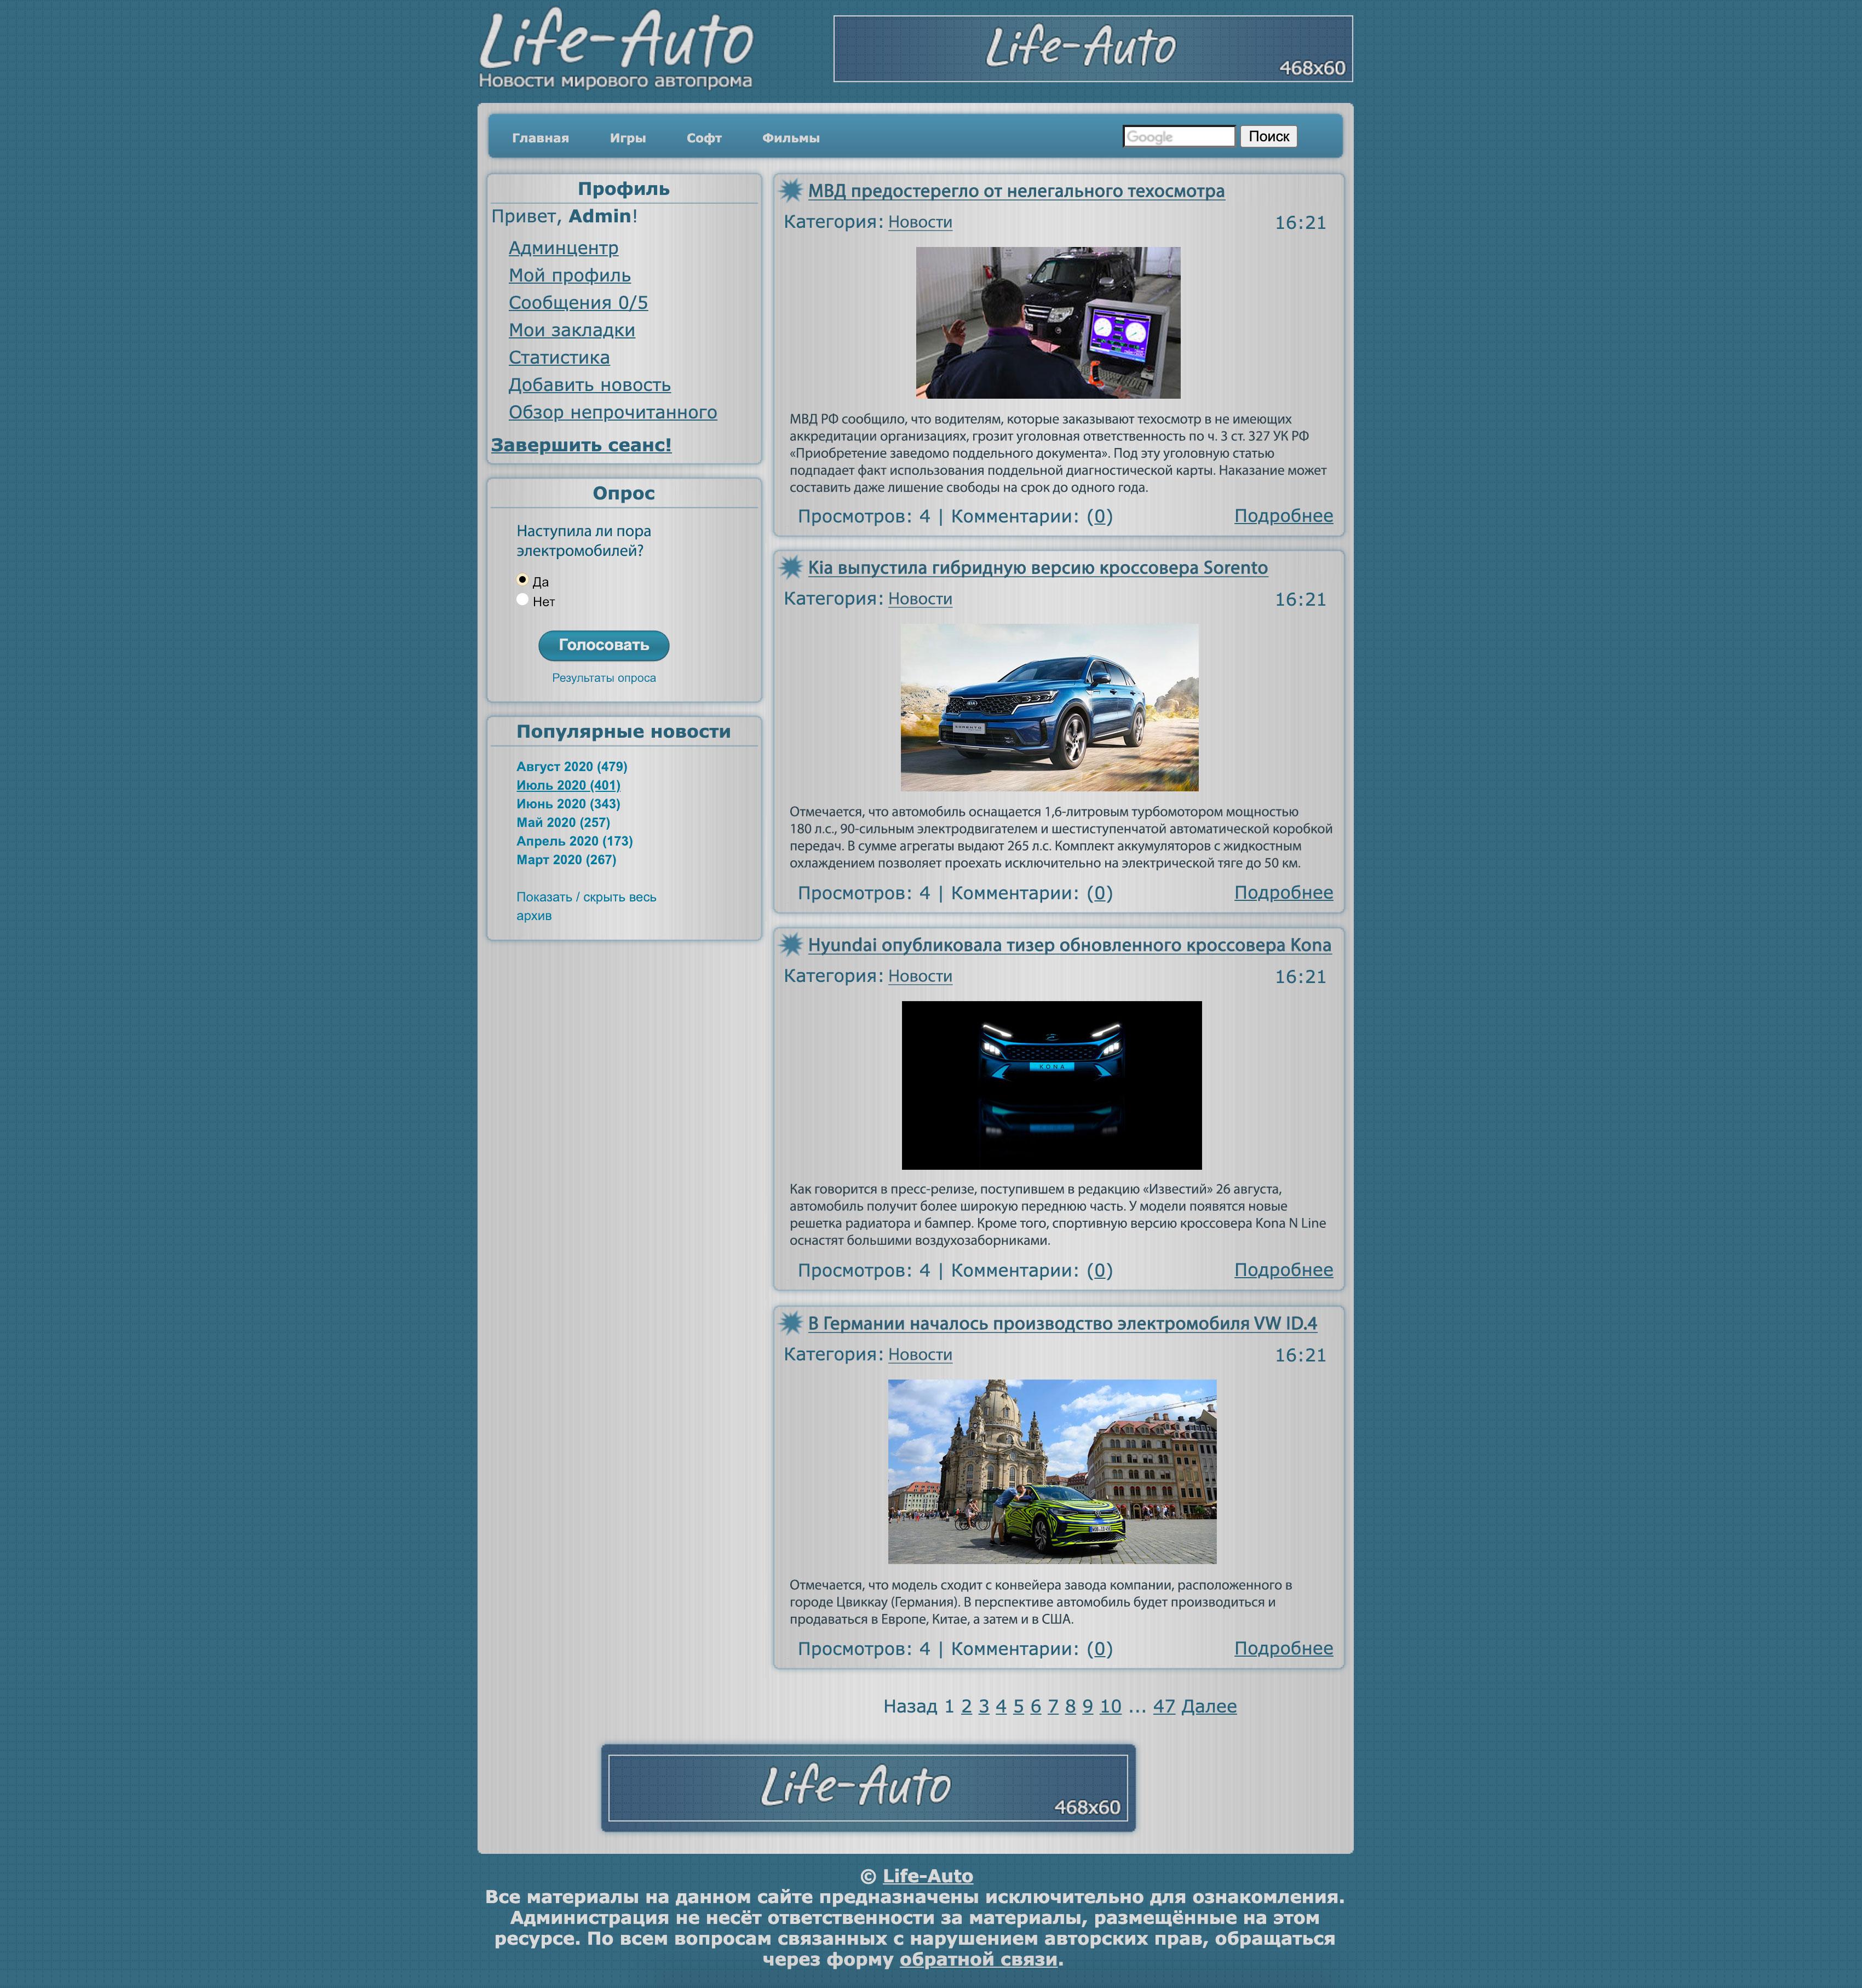 Дизайн сайта Life-Auto (Макет + свёрстанный шаблон) купить